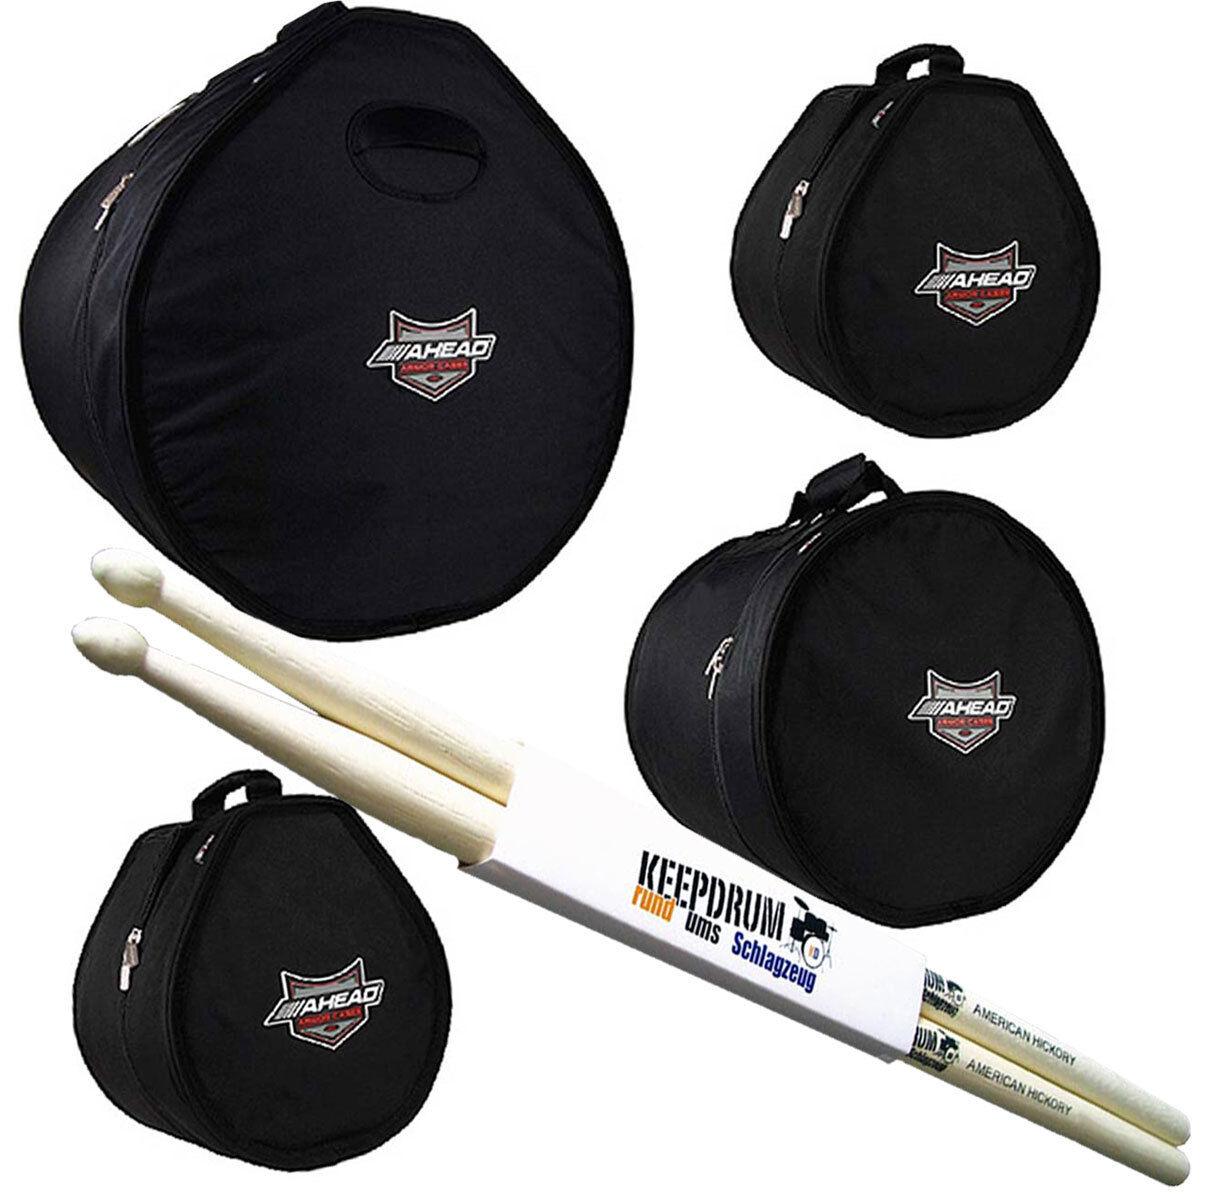 Ahead Armor ARSET - 3 Drum Case Set 22x18 10x8 12x9 16x16 halten Drumsticks